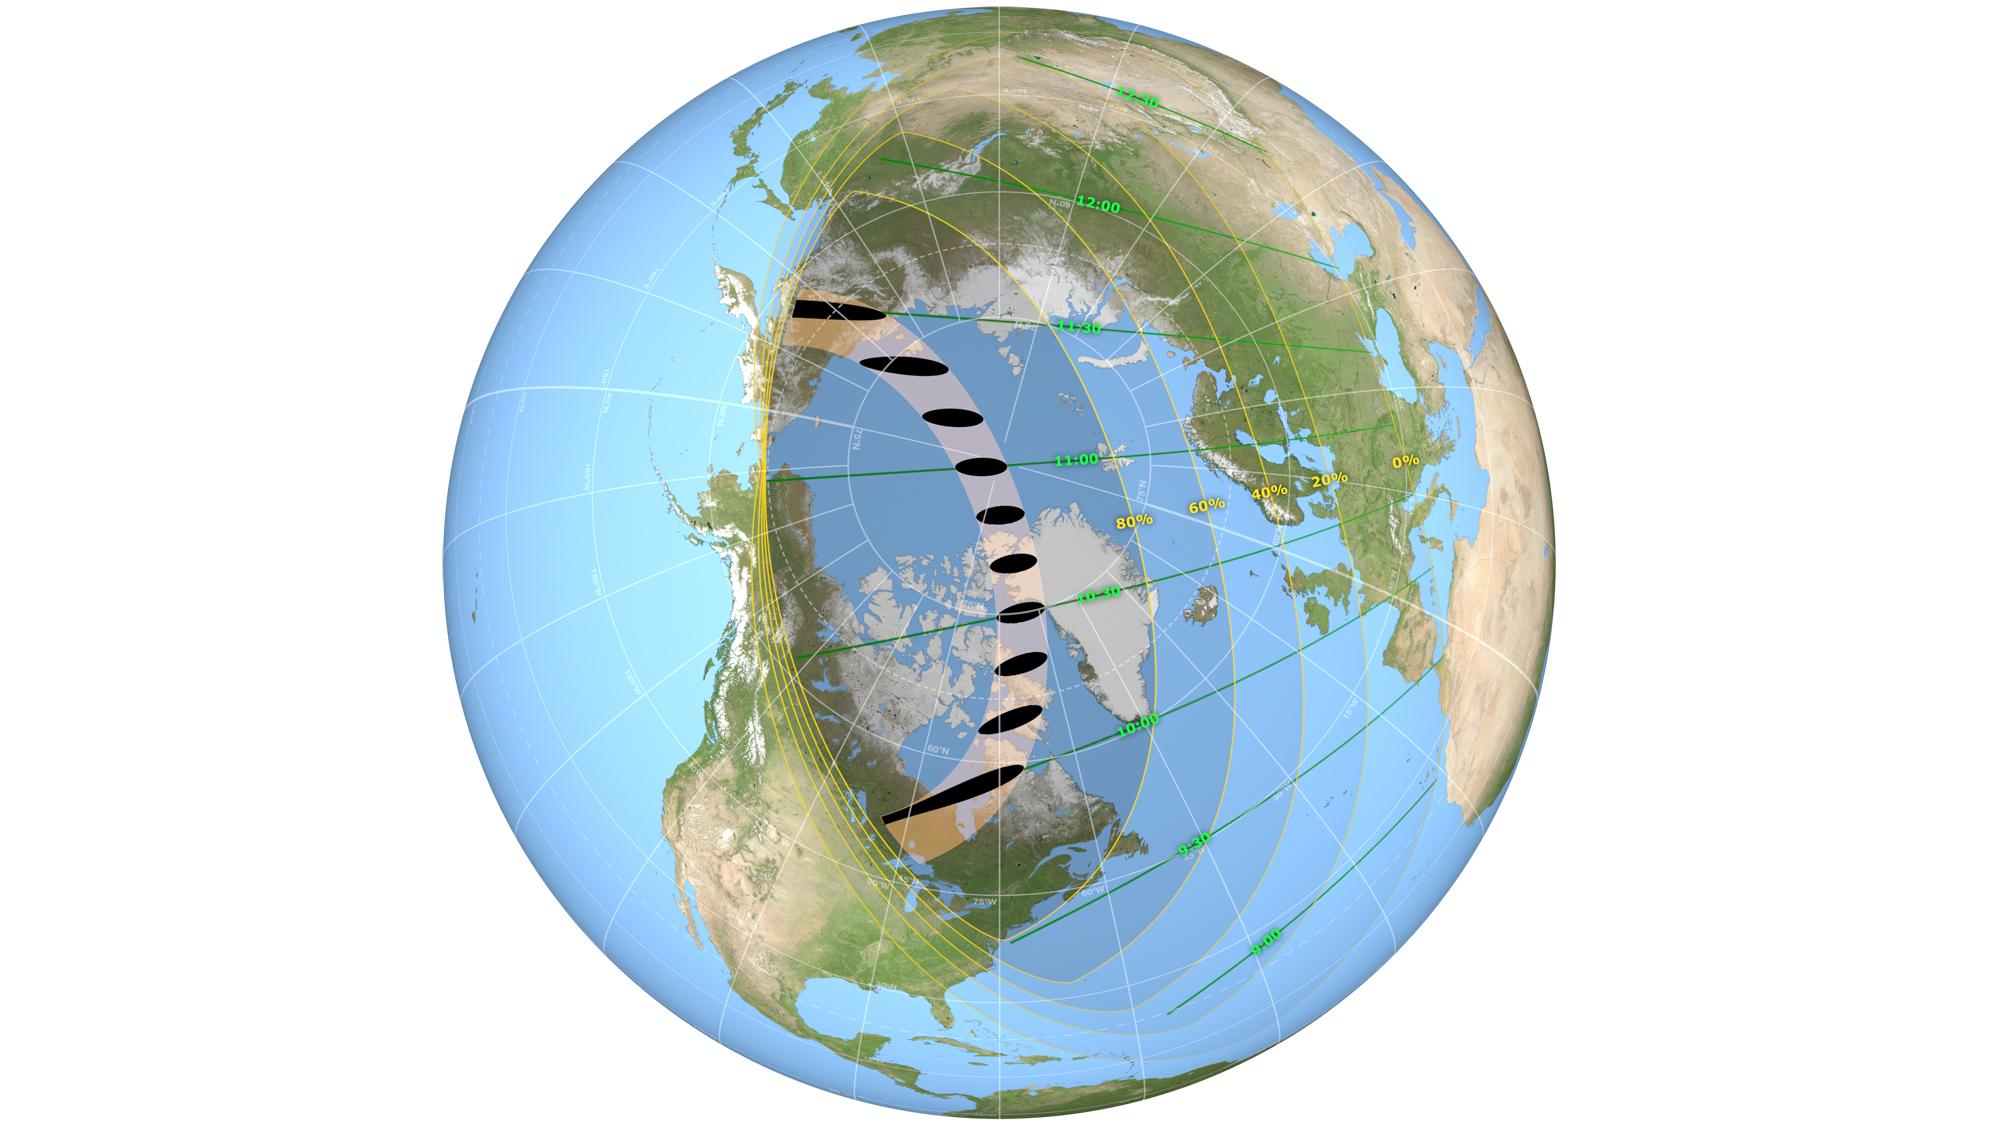 Cette carte de la trajectoire de l'éclipse montre où se produira l'éclipse solaire annulaire et partielle du 10 juin 2021.